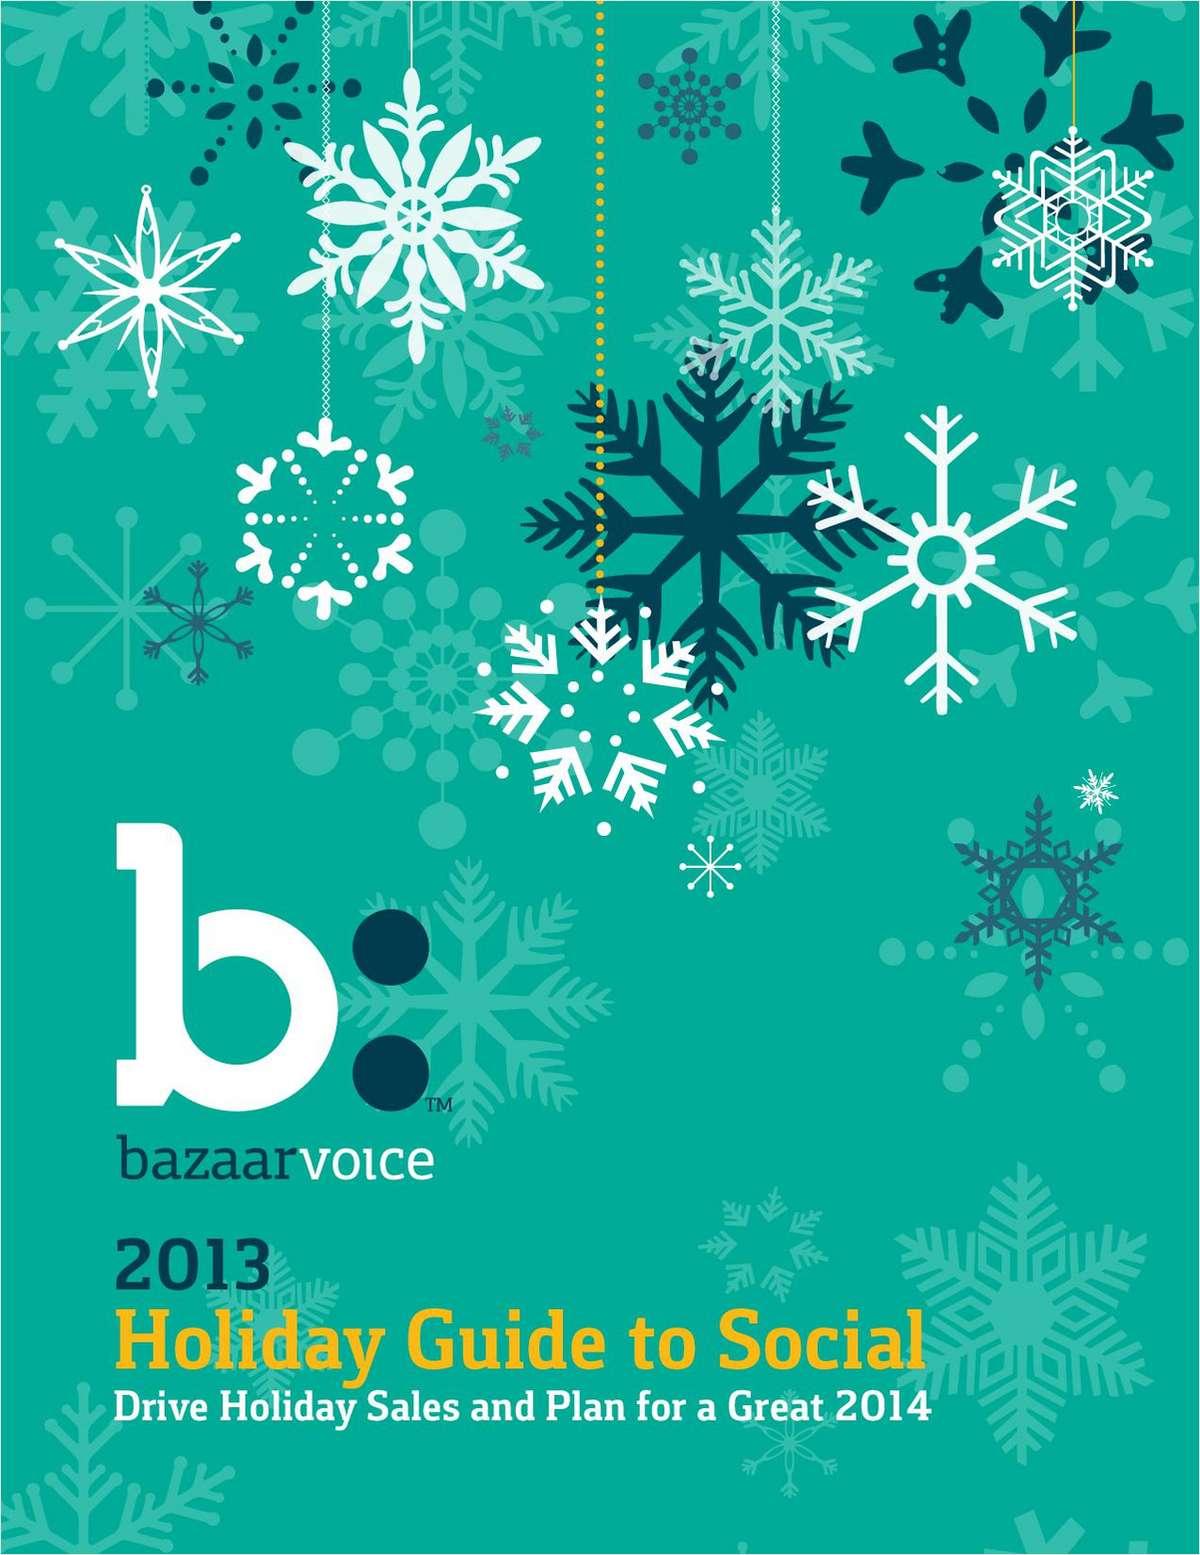 Holiday Guide to Social: Integrating Social to Drive Seasonal Success